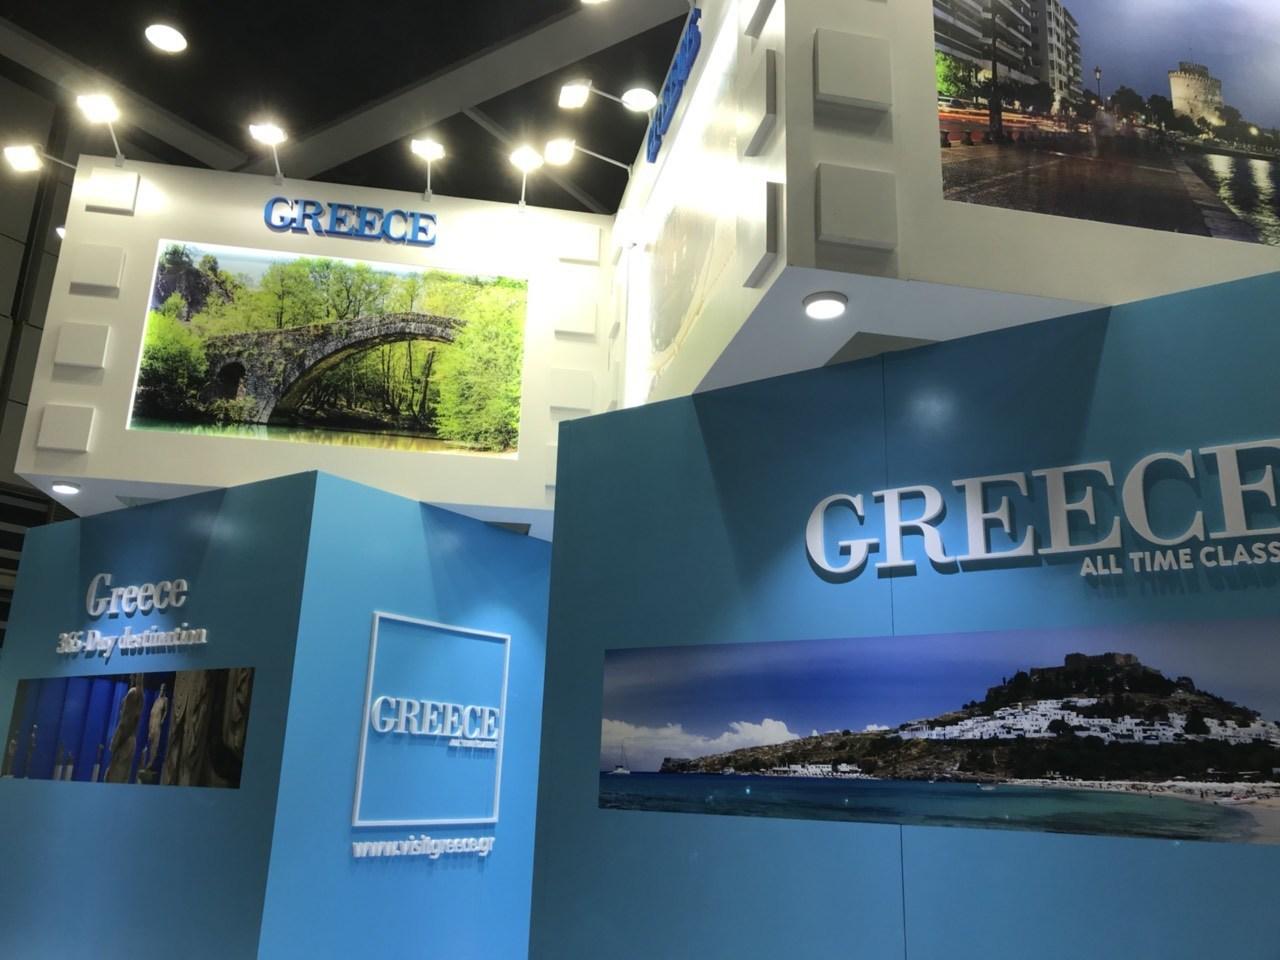 Η εσωστρέφεια του ΕΟΤ βάζει σε κίνδυνο τον ελληνικό τουρισμό